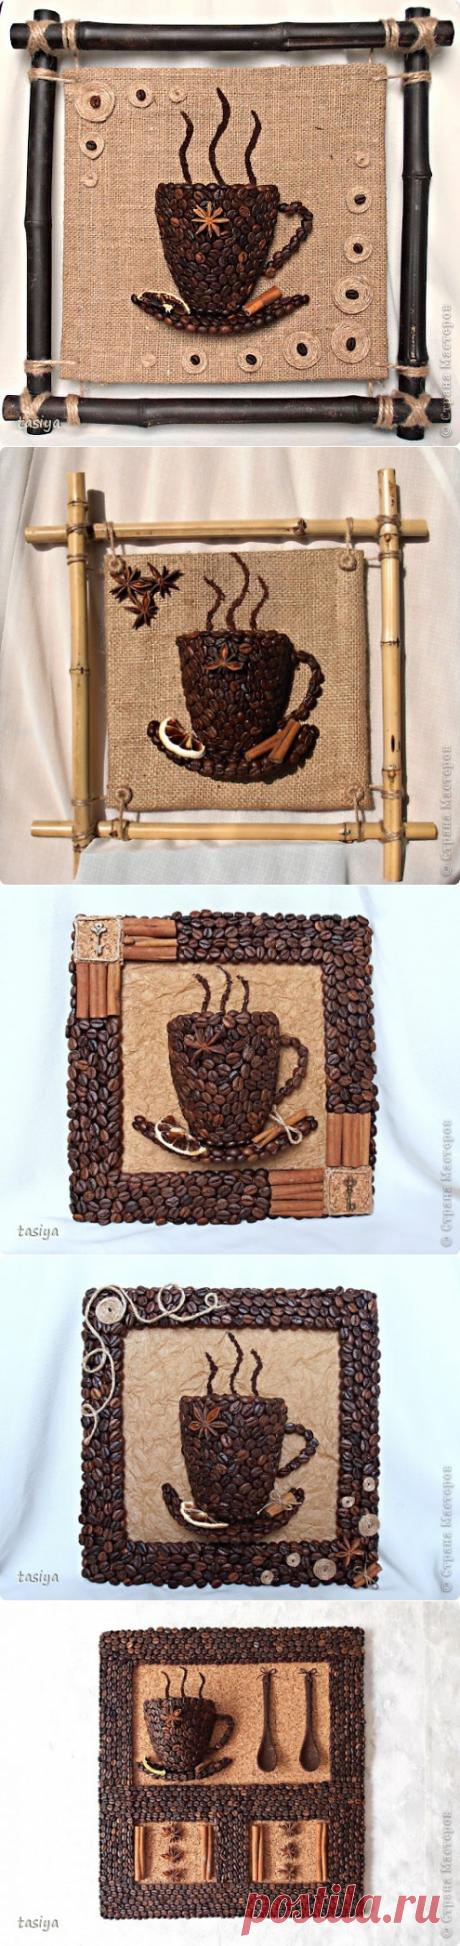 Для кофеманов: панно ЧАШКА КОФЕ. МК